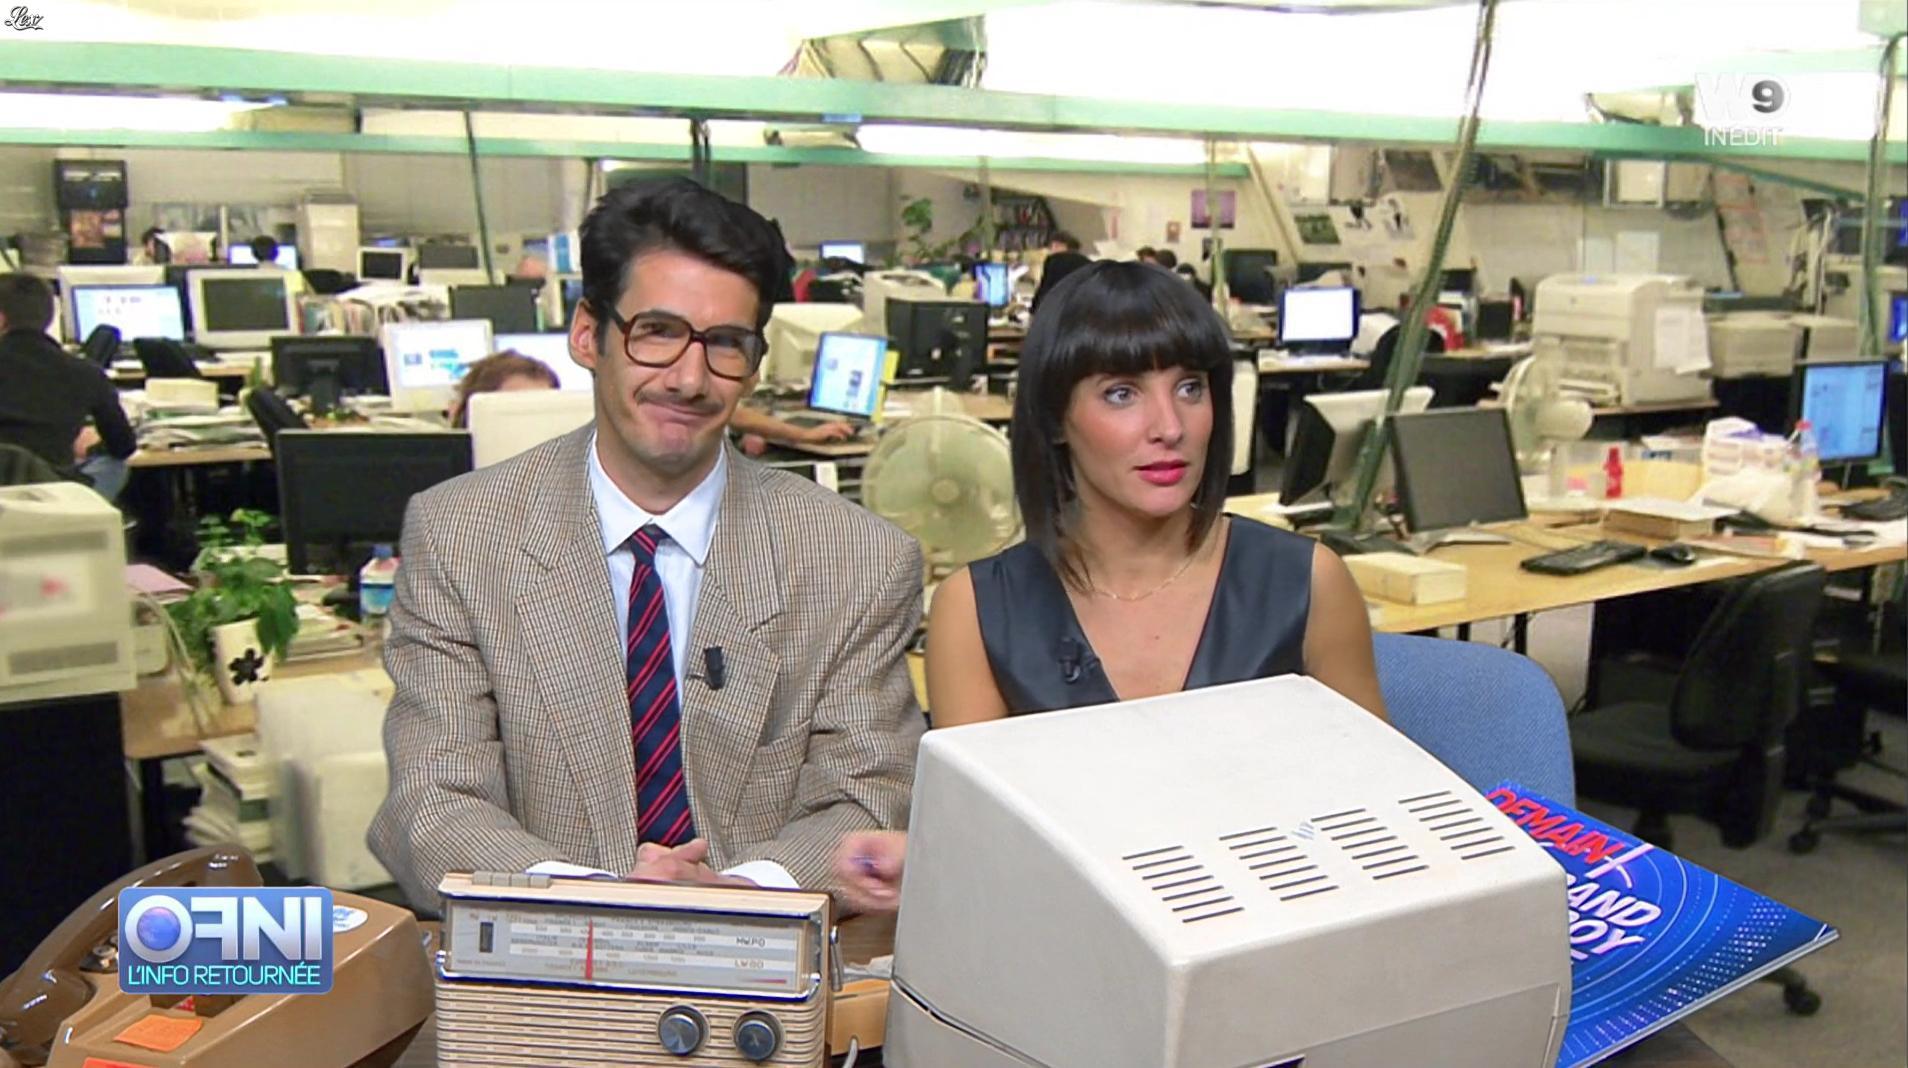 Erika Moulet dans OFNI. Diffusé à la télévision le 22/11/16.